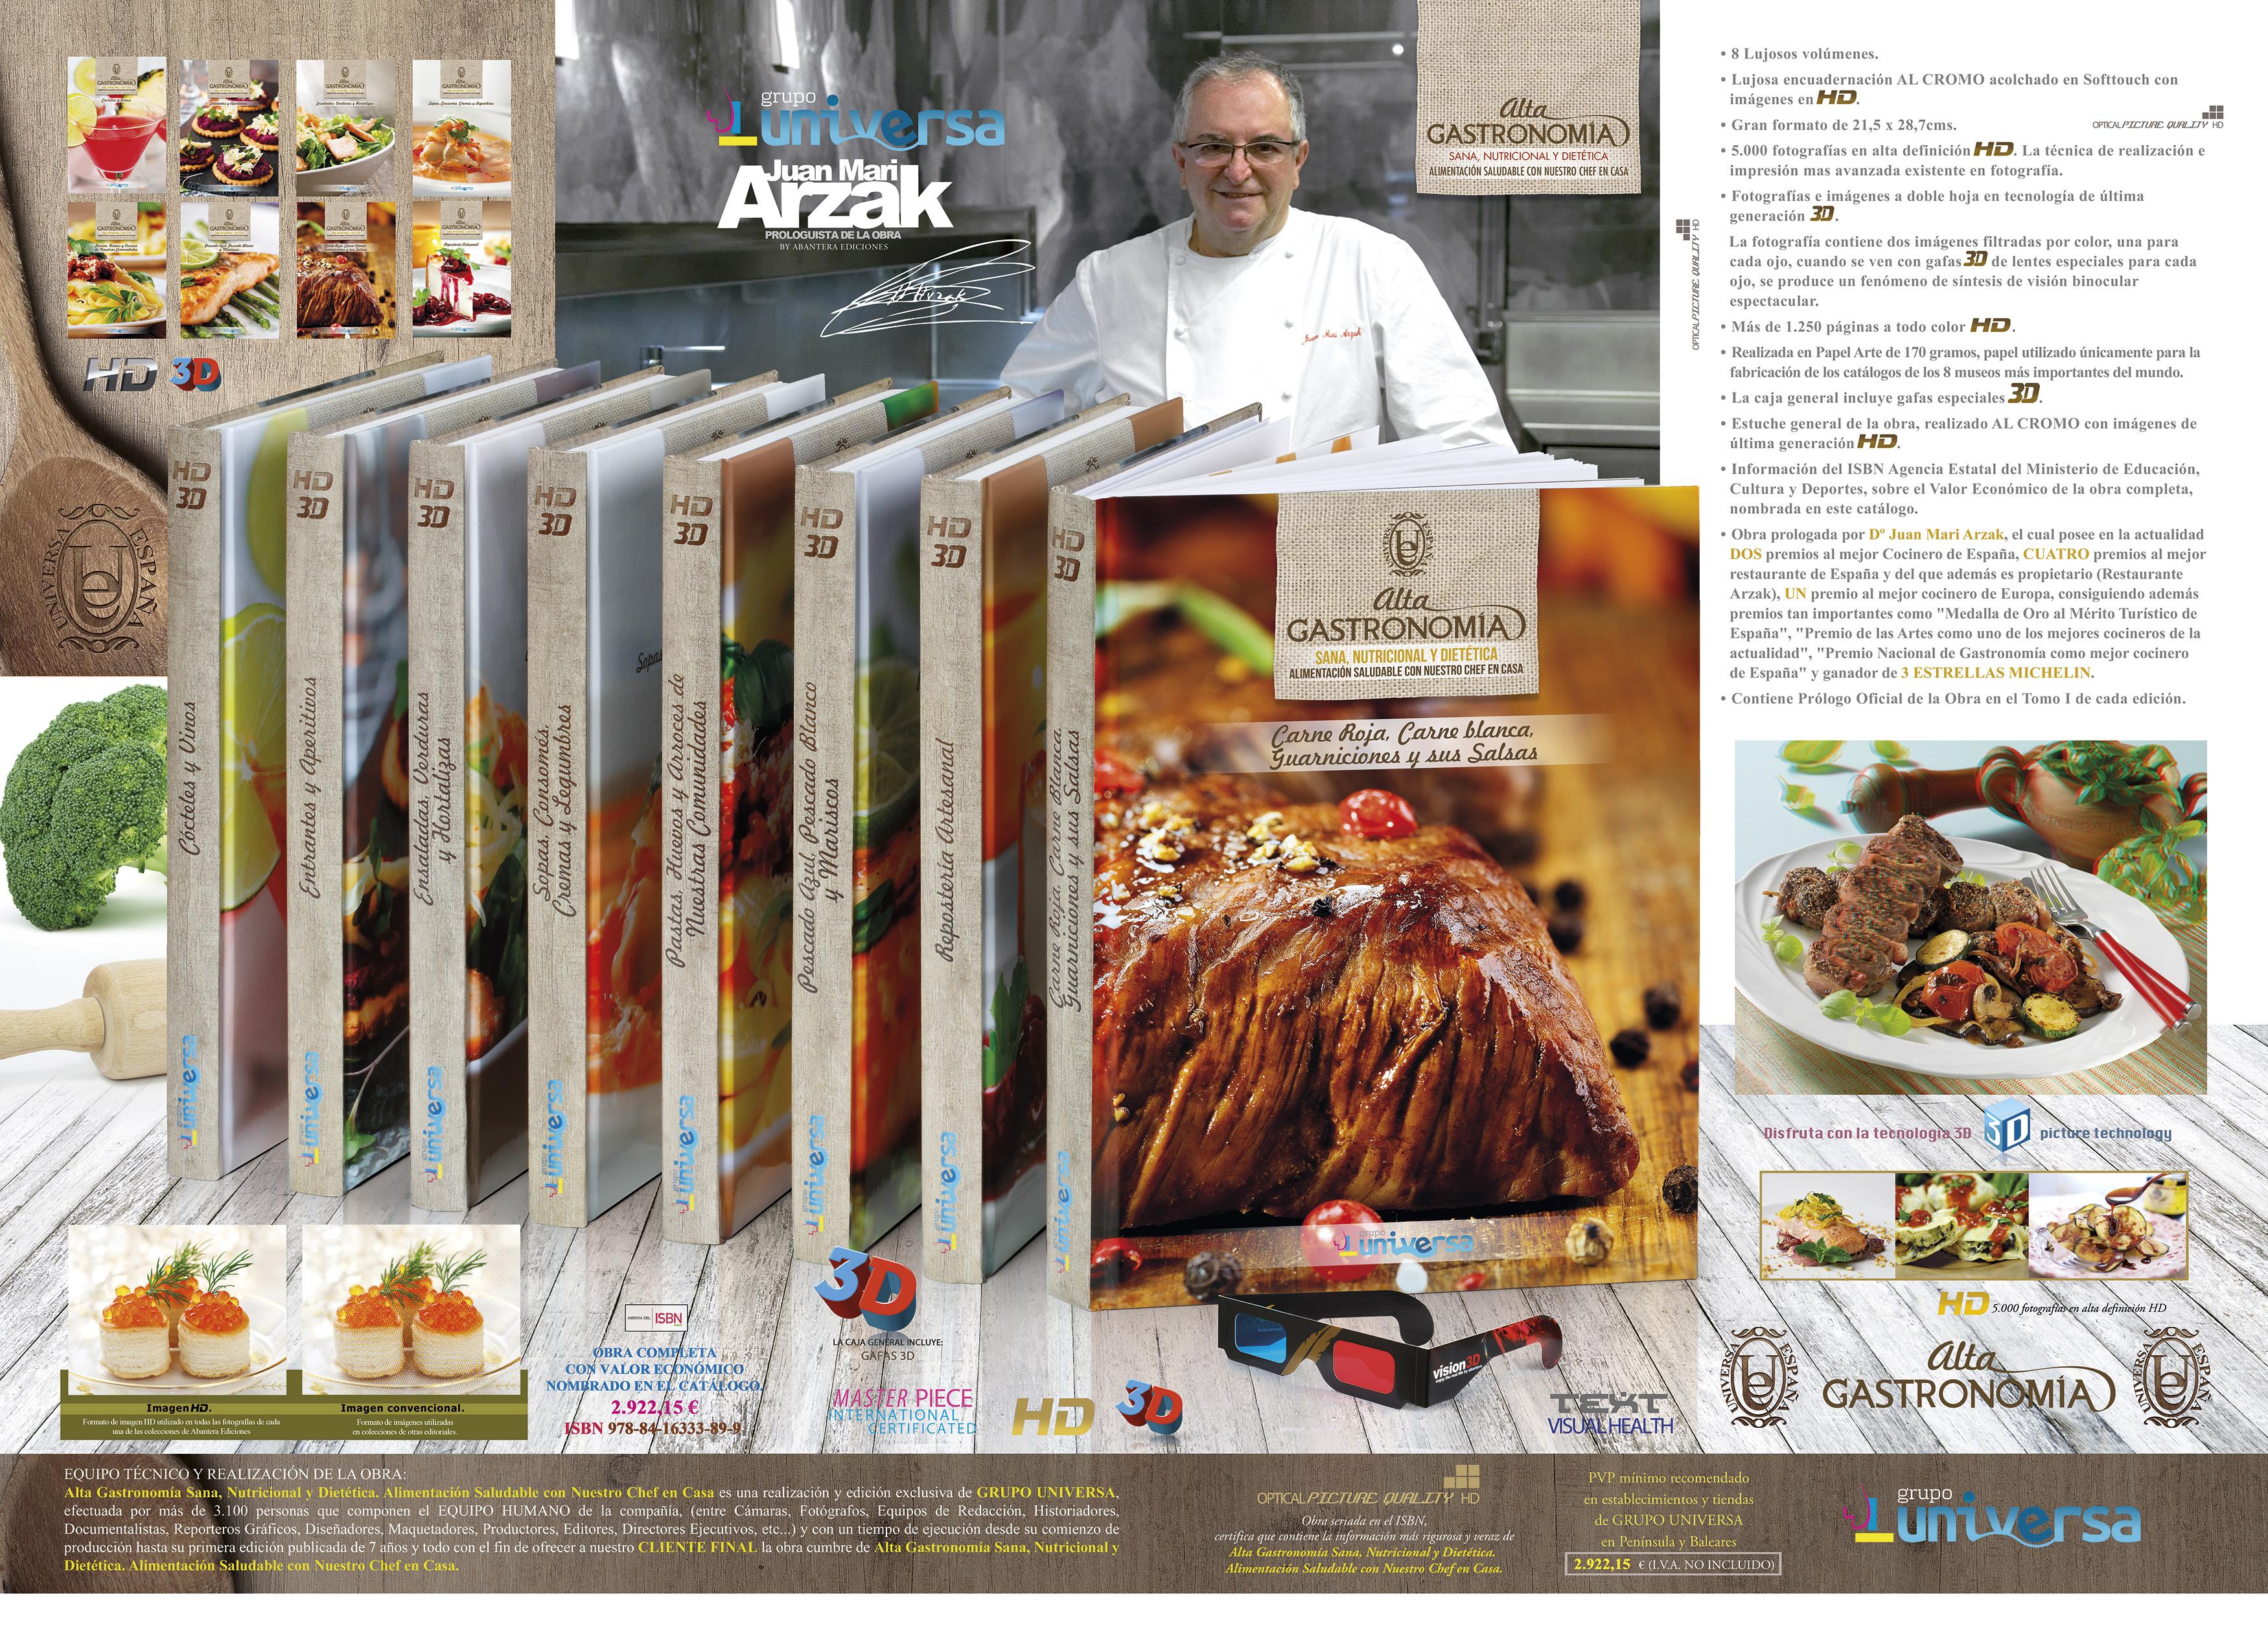 universa-cocina-CENTRAL-web